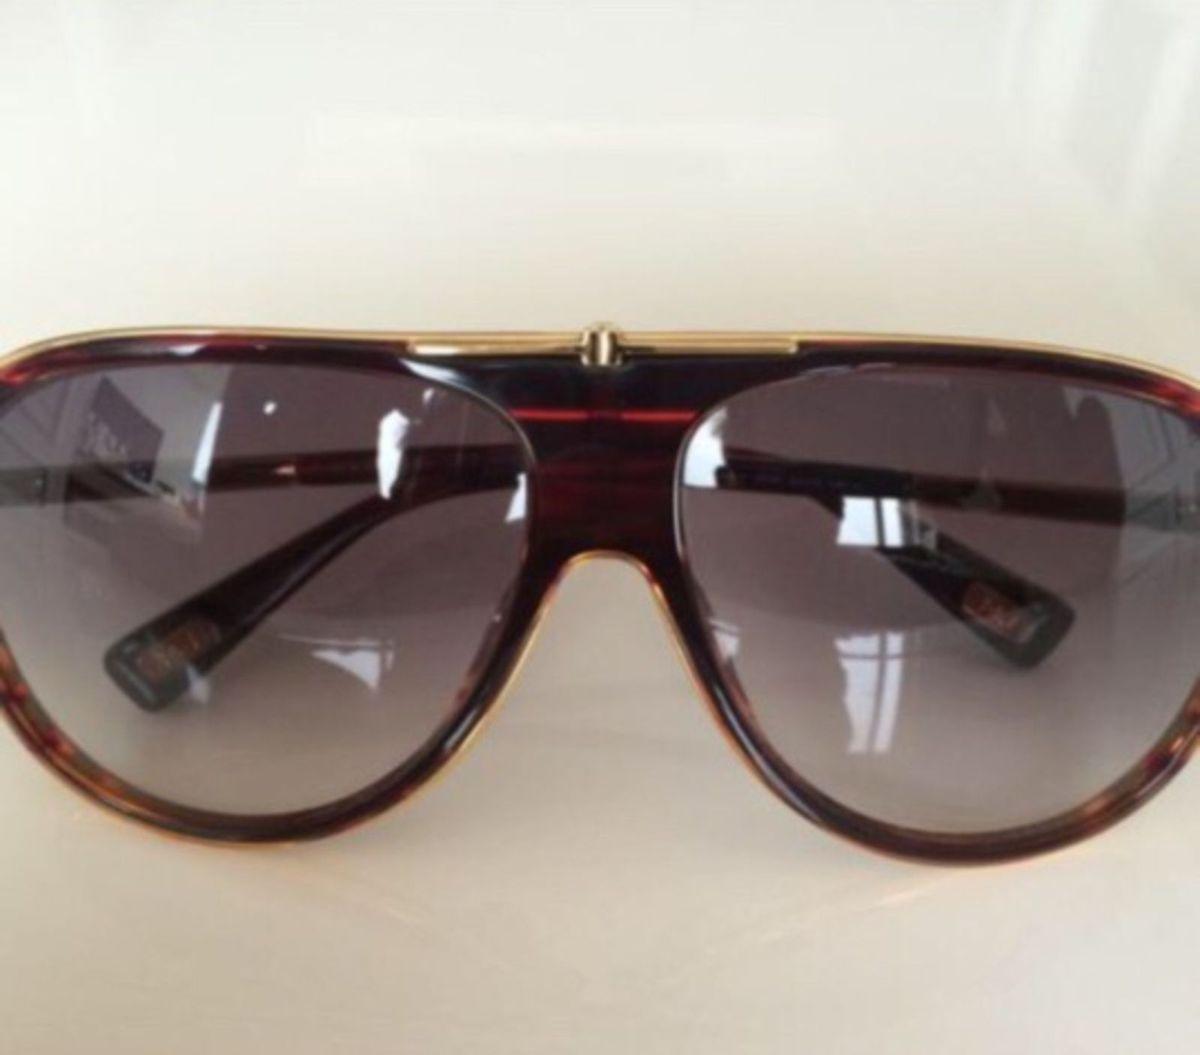 39d347b15 Óculos de Sol Marc Jacobs - Original   Óculos Masculino Marc Jacobs ...